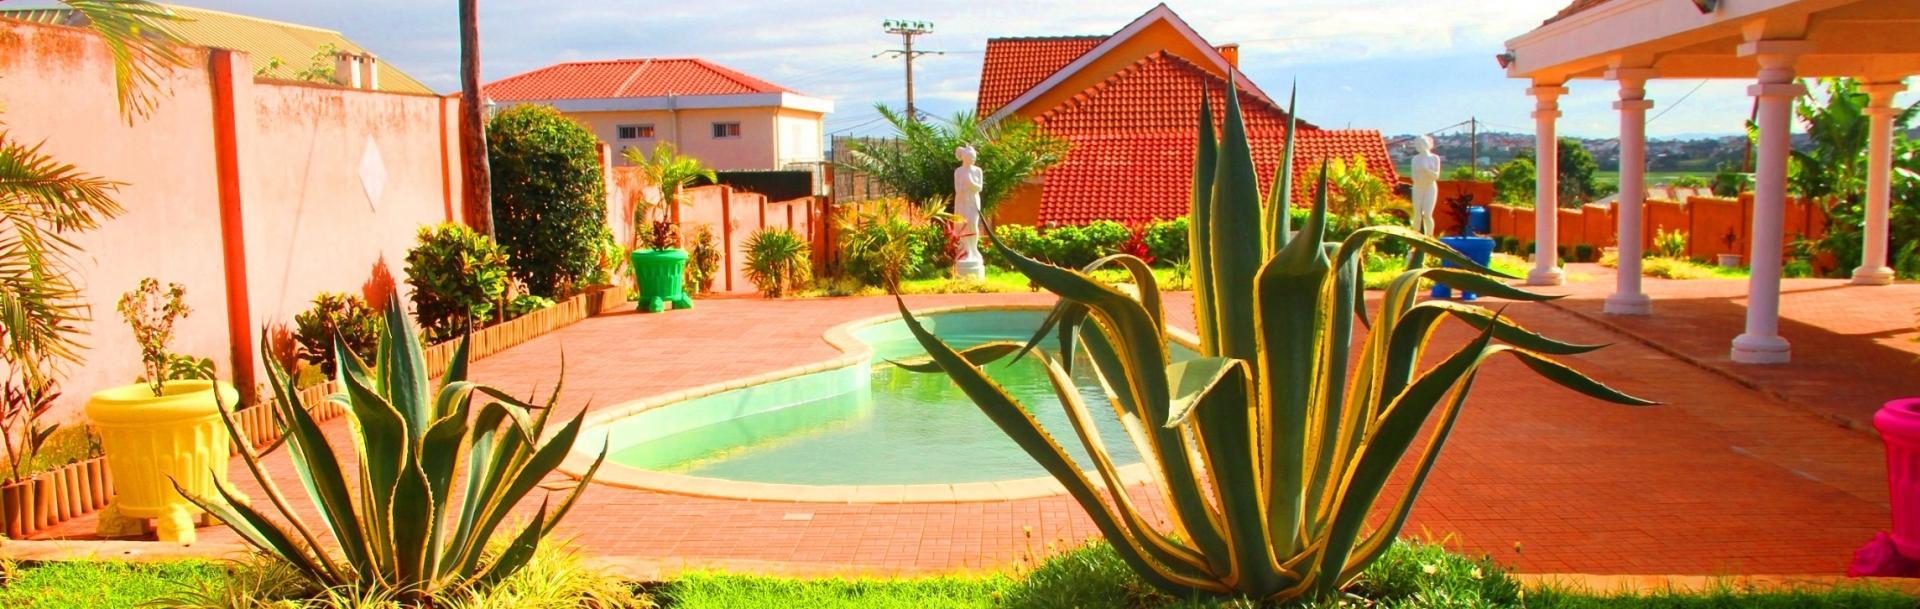 Pour visiter Villa Tana en avant première, cliquez ici